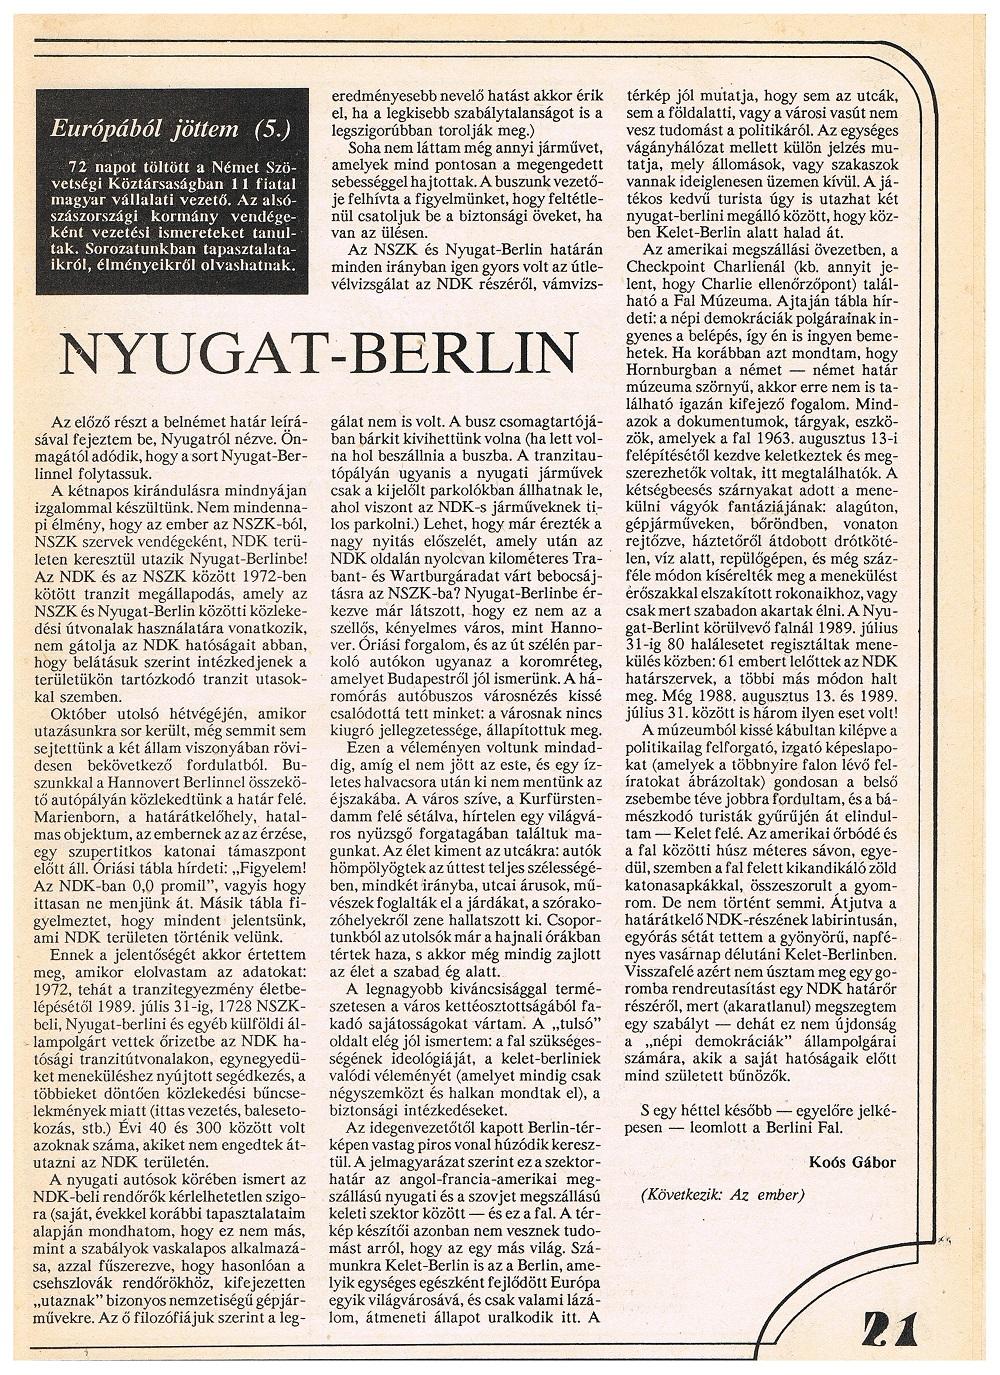 19-11-14_1989_2.jpg